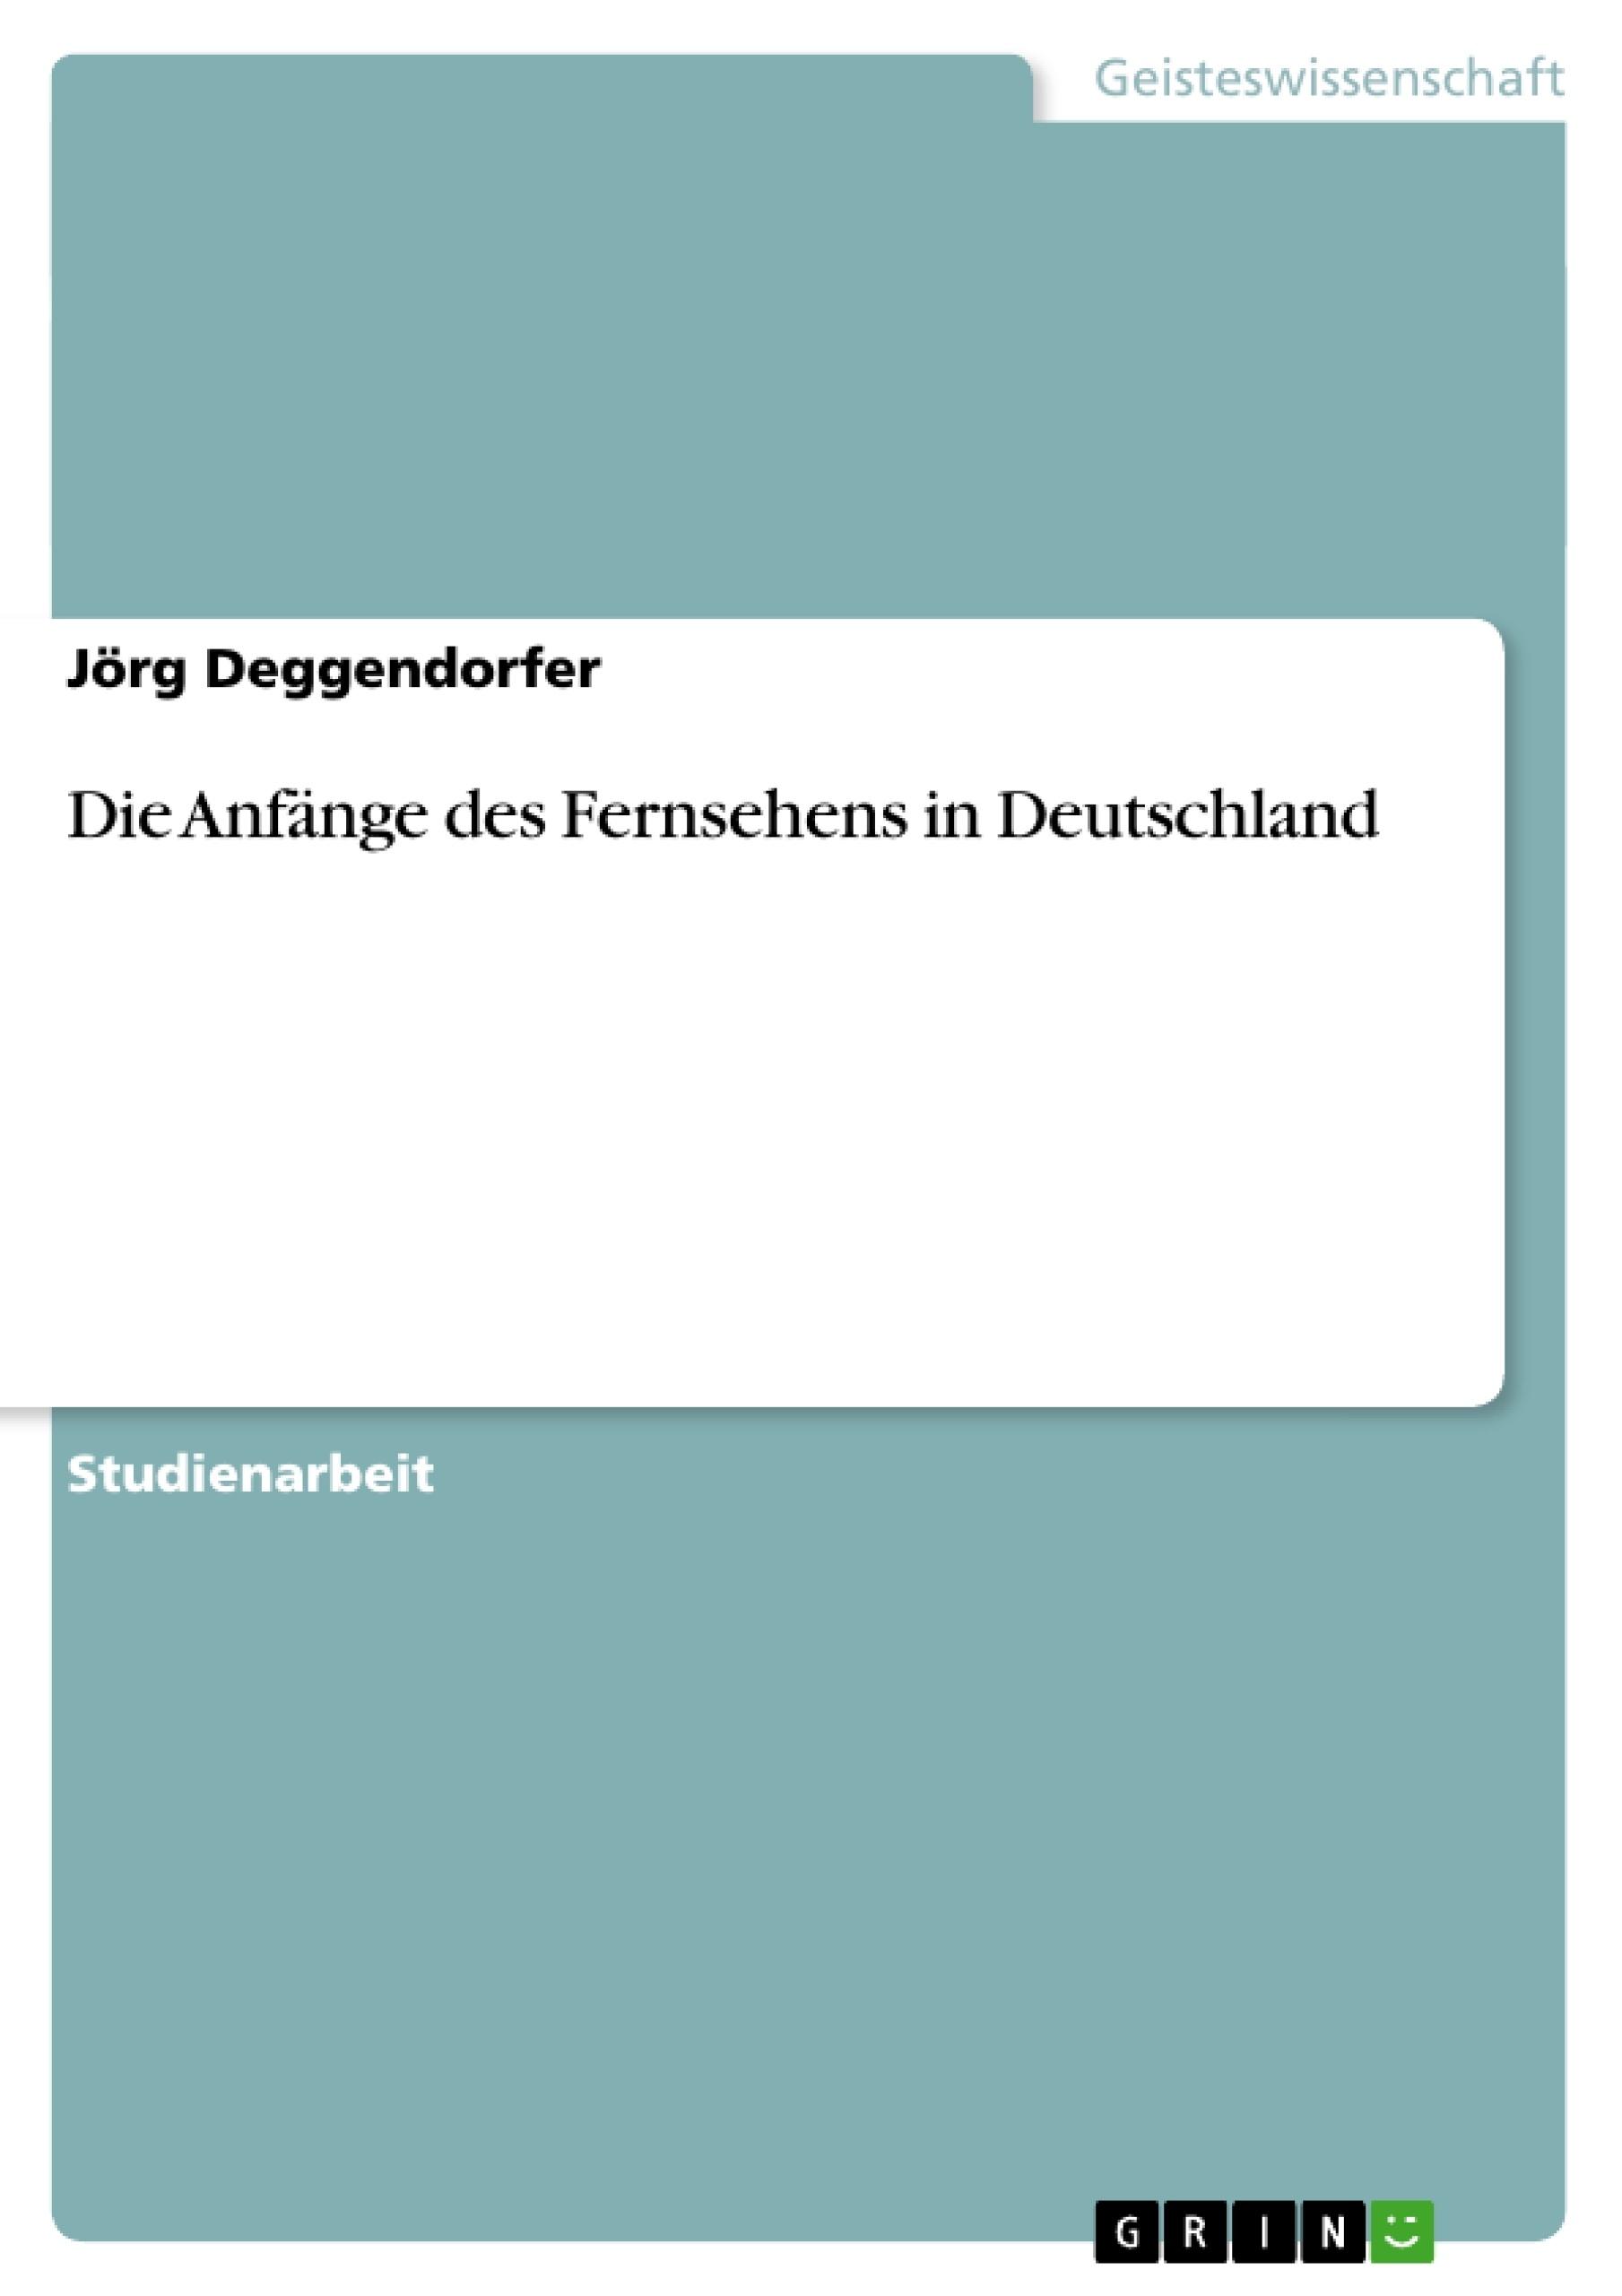 Titel: Die Anfänge des Fernsehens in Deutschland